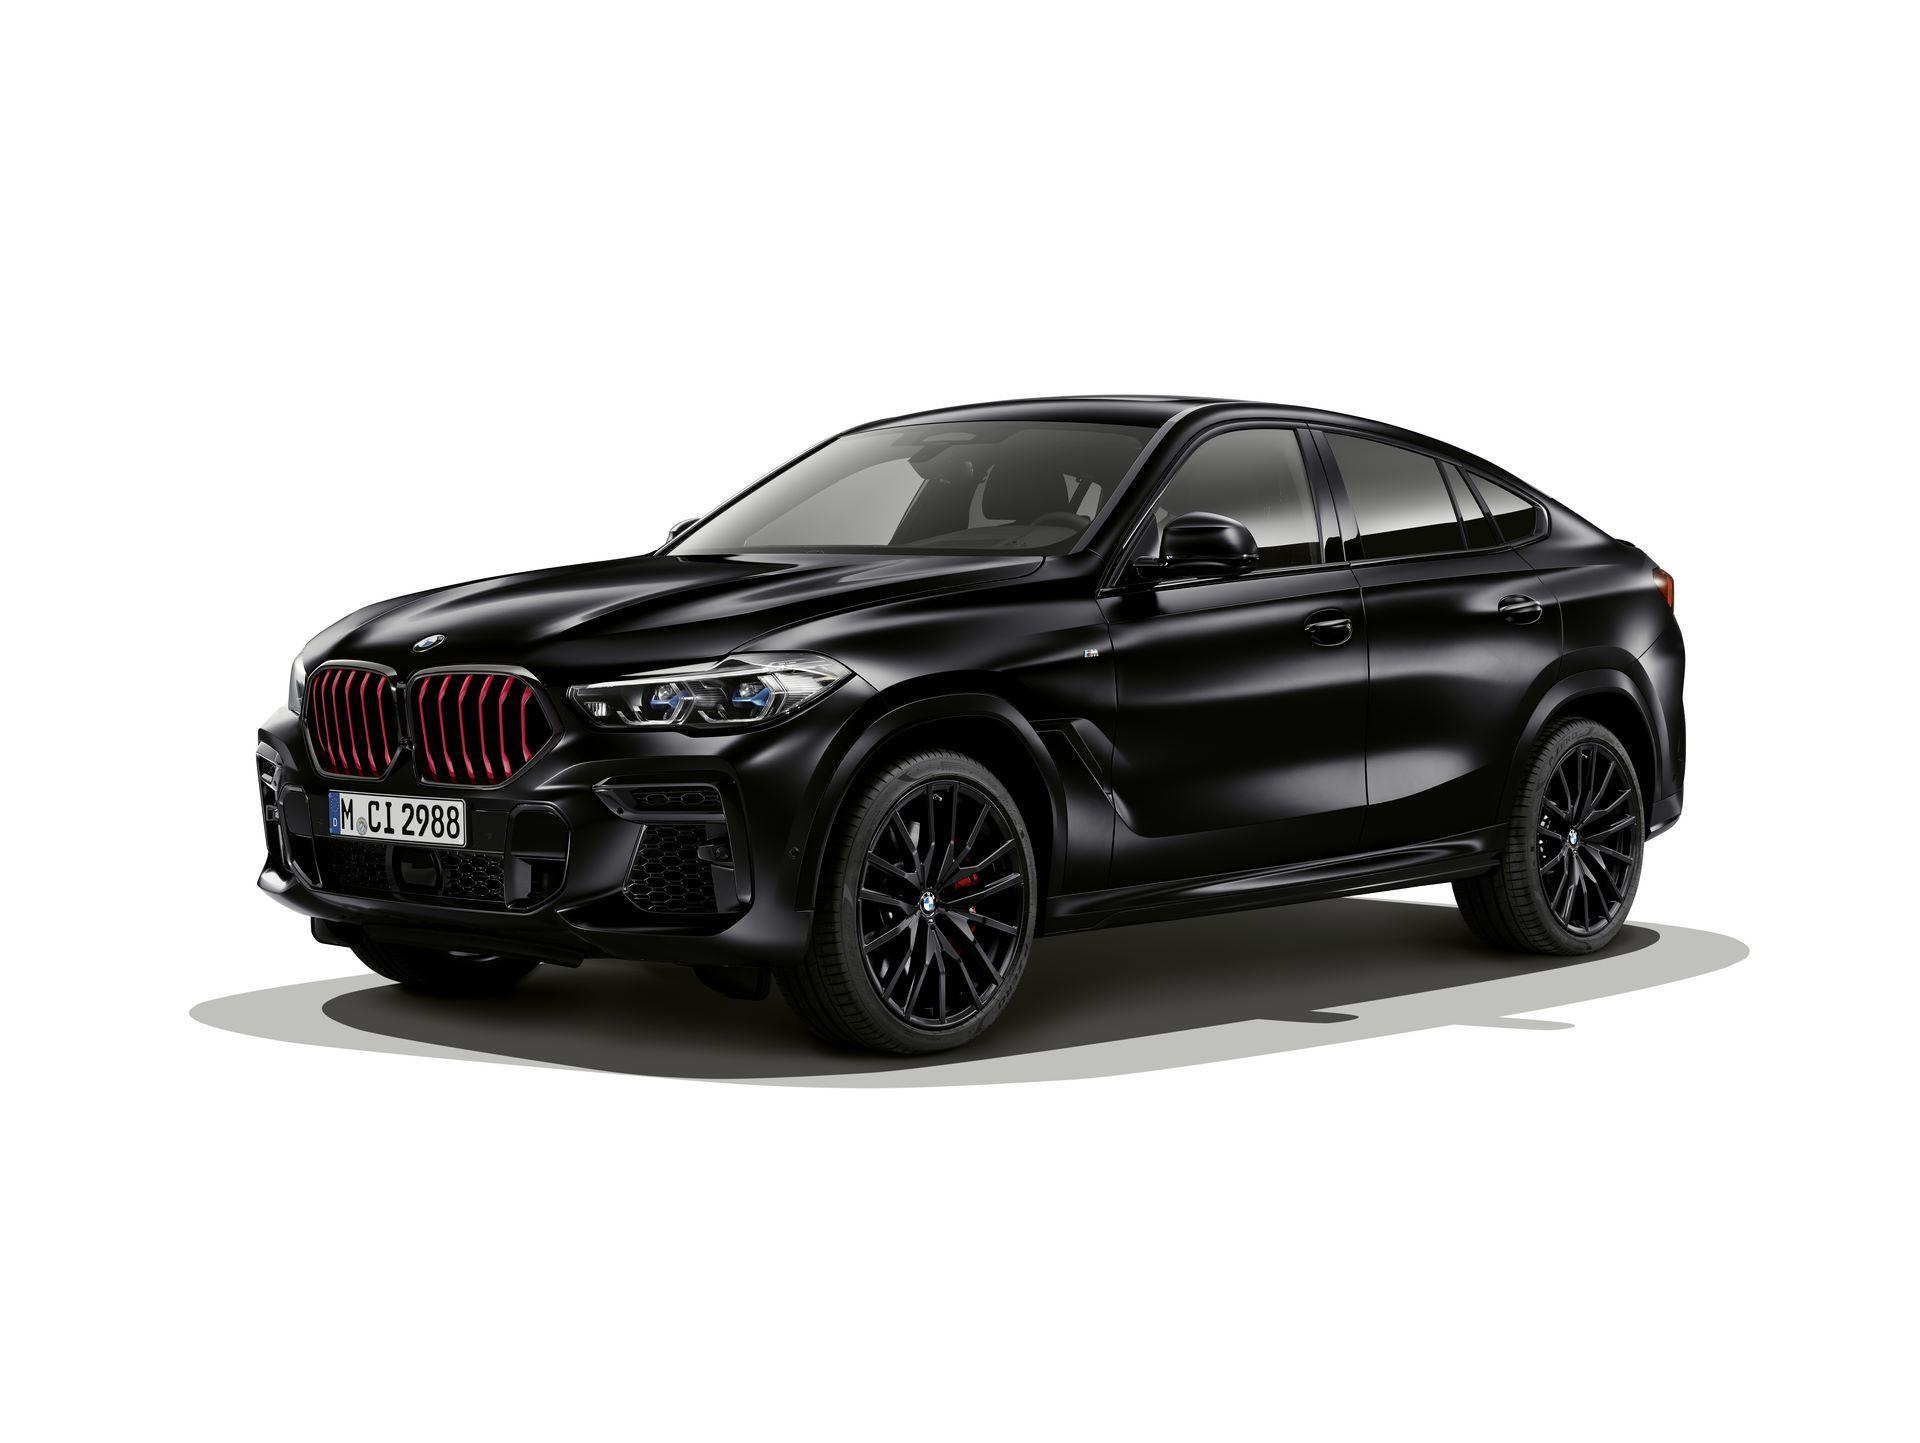 BMW-X5-Χ6-Black-Vermilion-X7-Limited-Edition-37